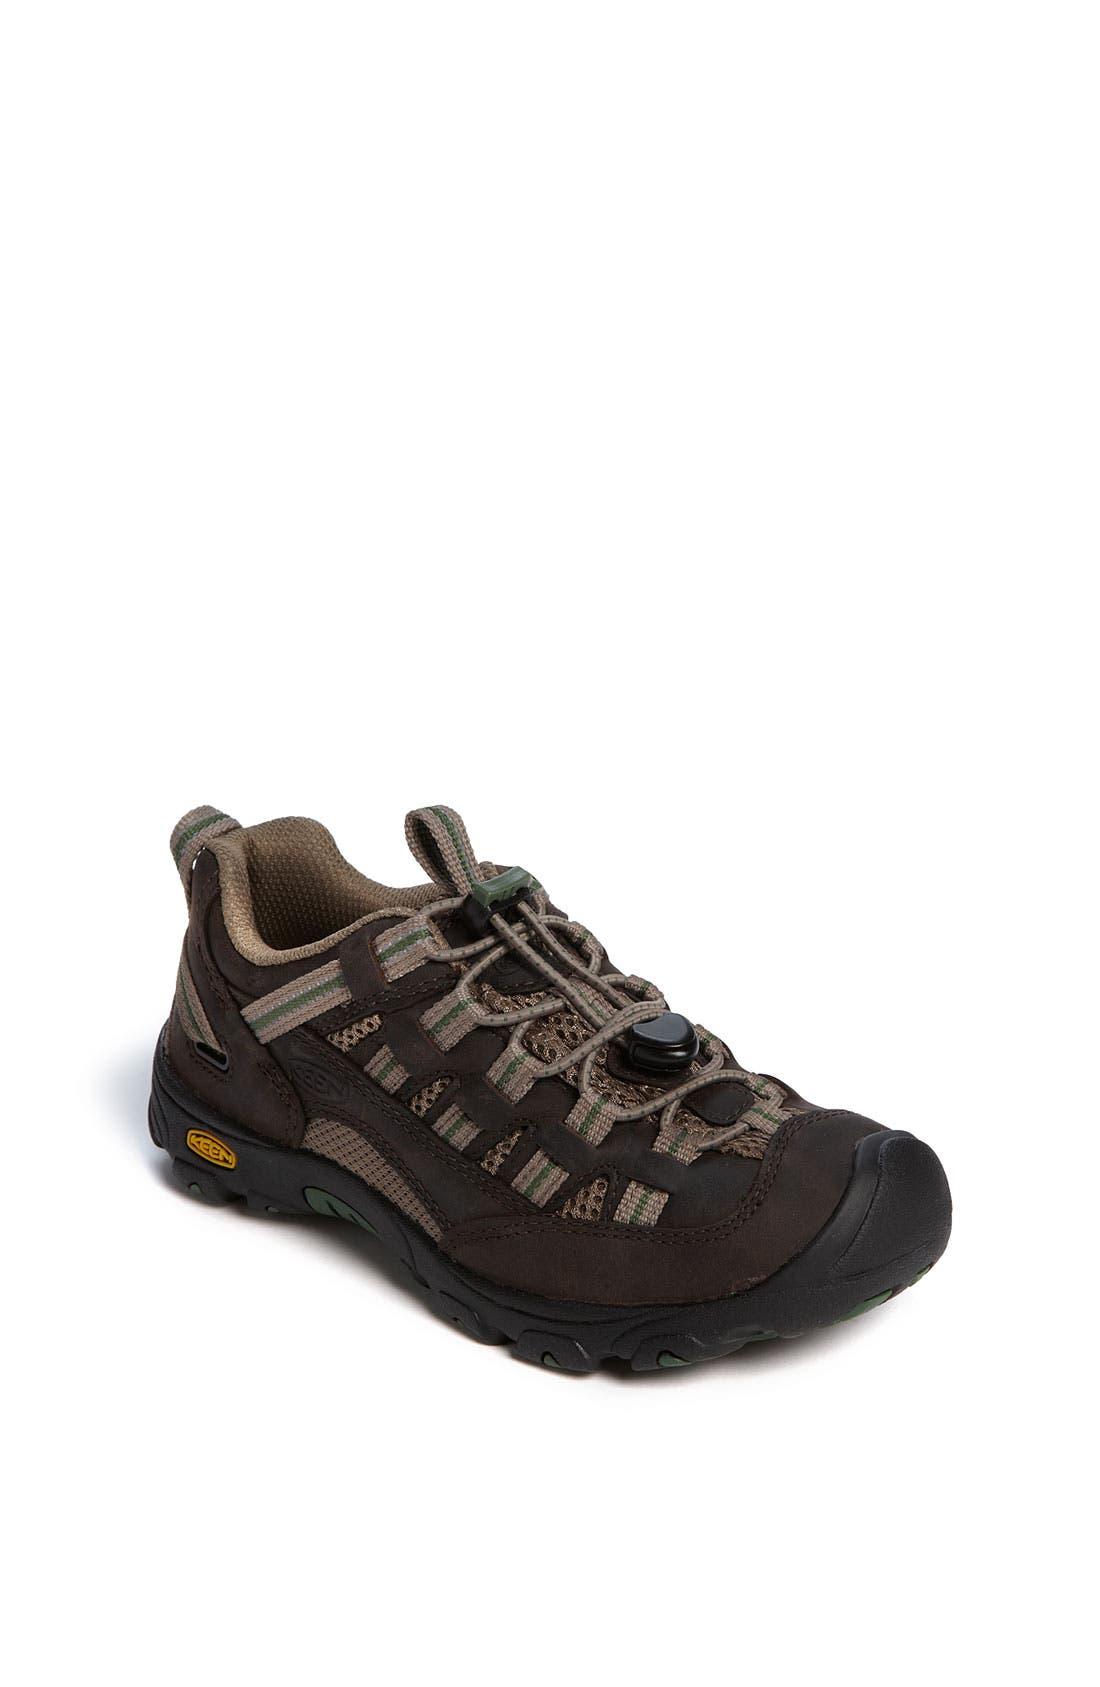 Alternate Image 1 Selected - Keen 'Alamosa' Waterproof Sneaker (Toddler, Little Kid & Big Kid)